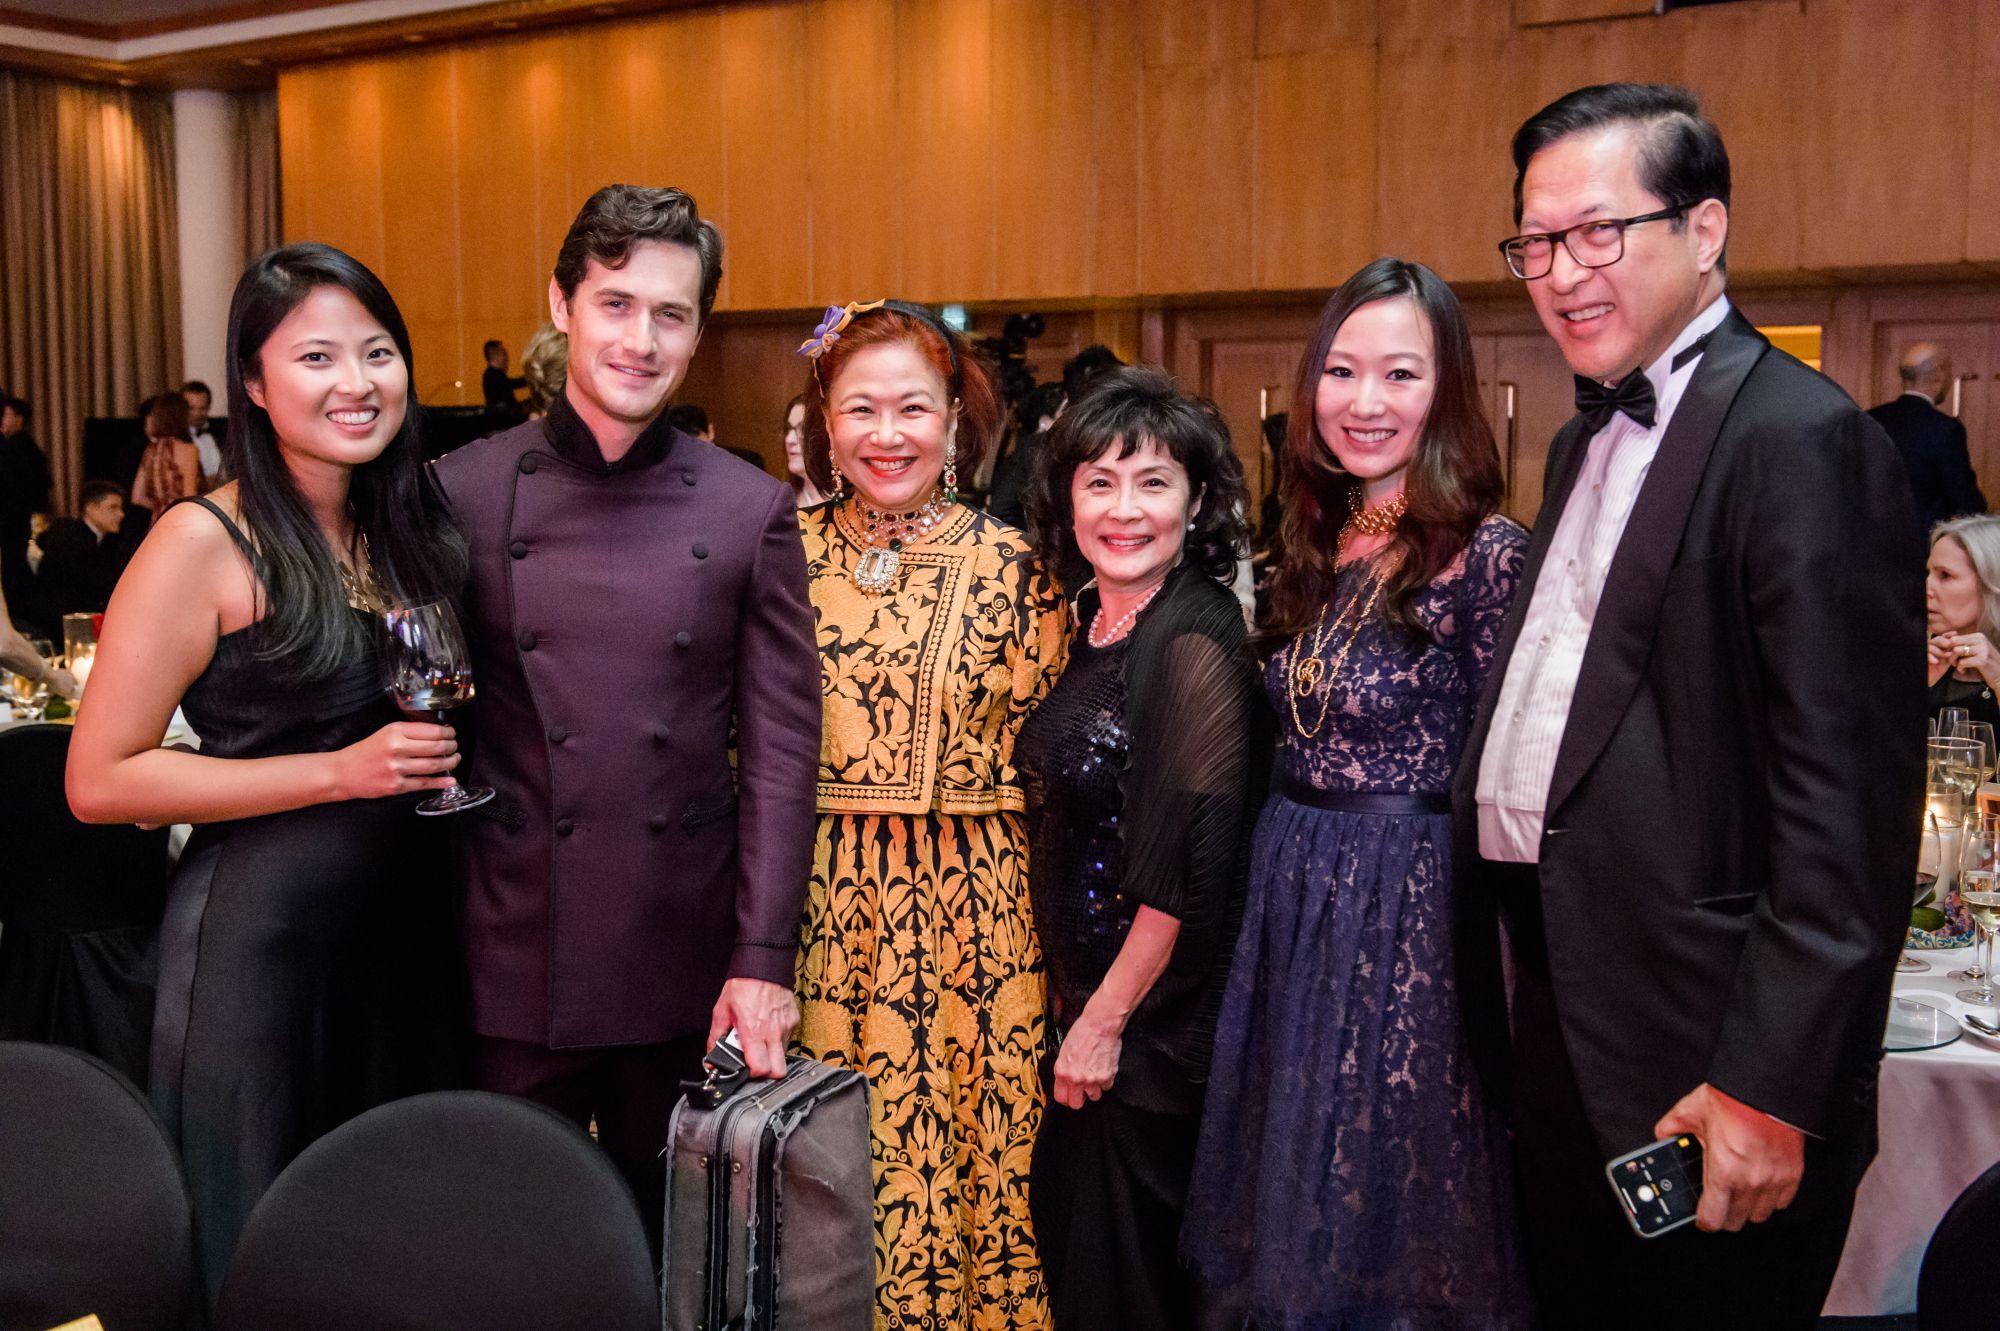 Anuncia Camacho, Charlie Siem, Kim Camacho, Yvonne Tan Toh, Shu Liu, Lito Camacho